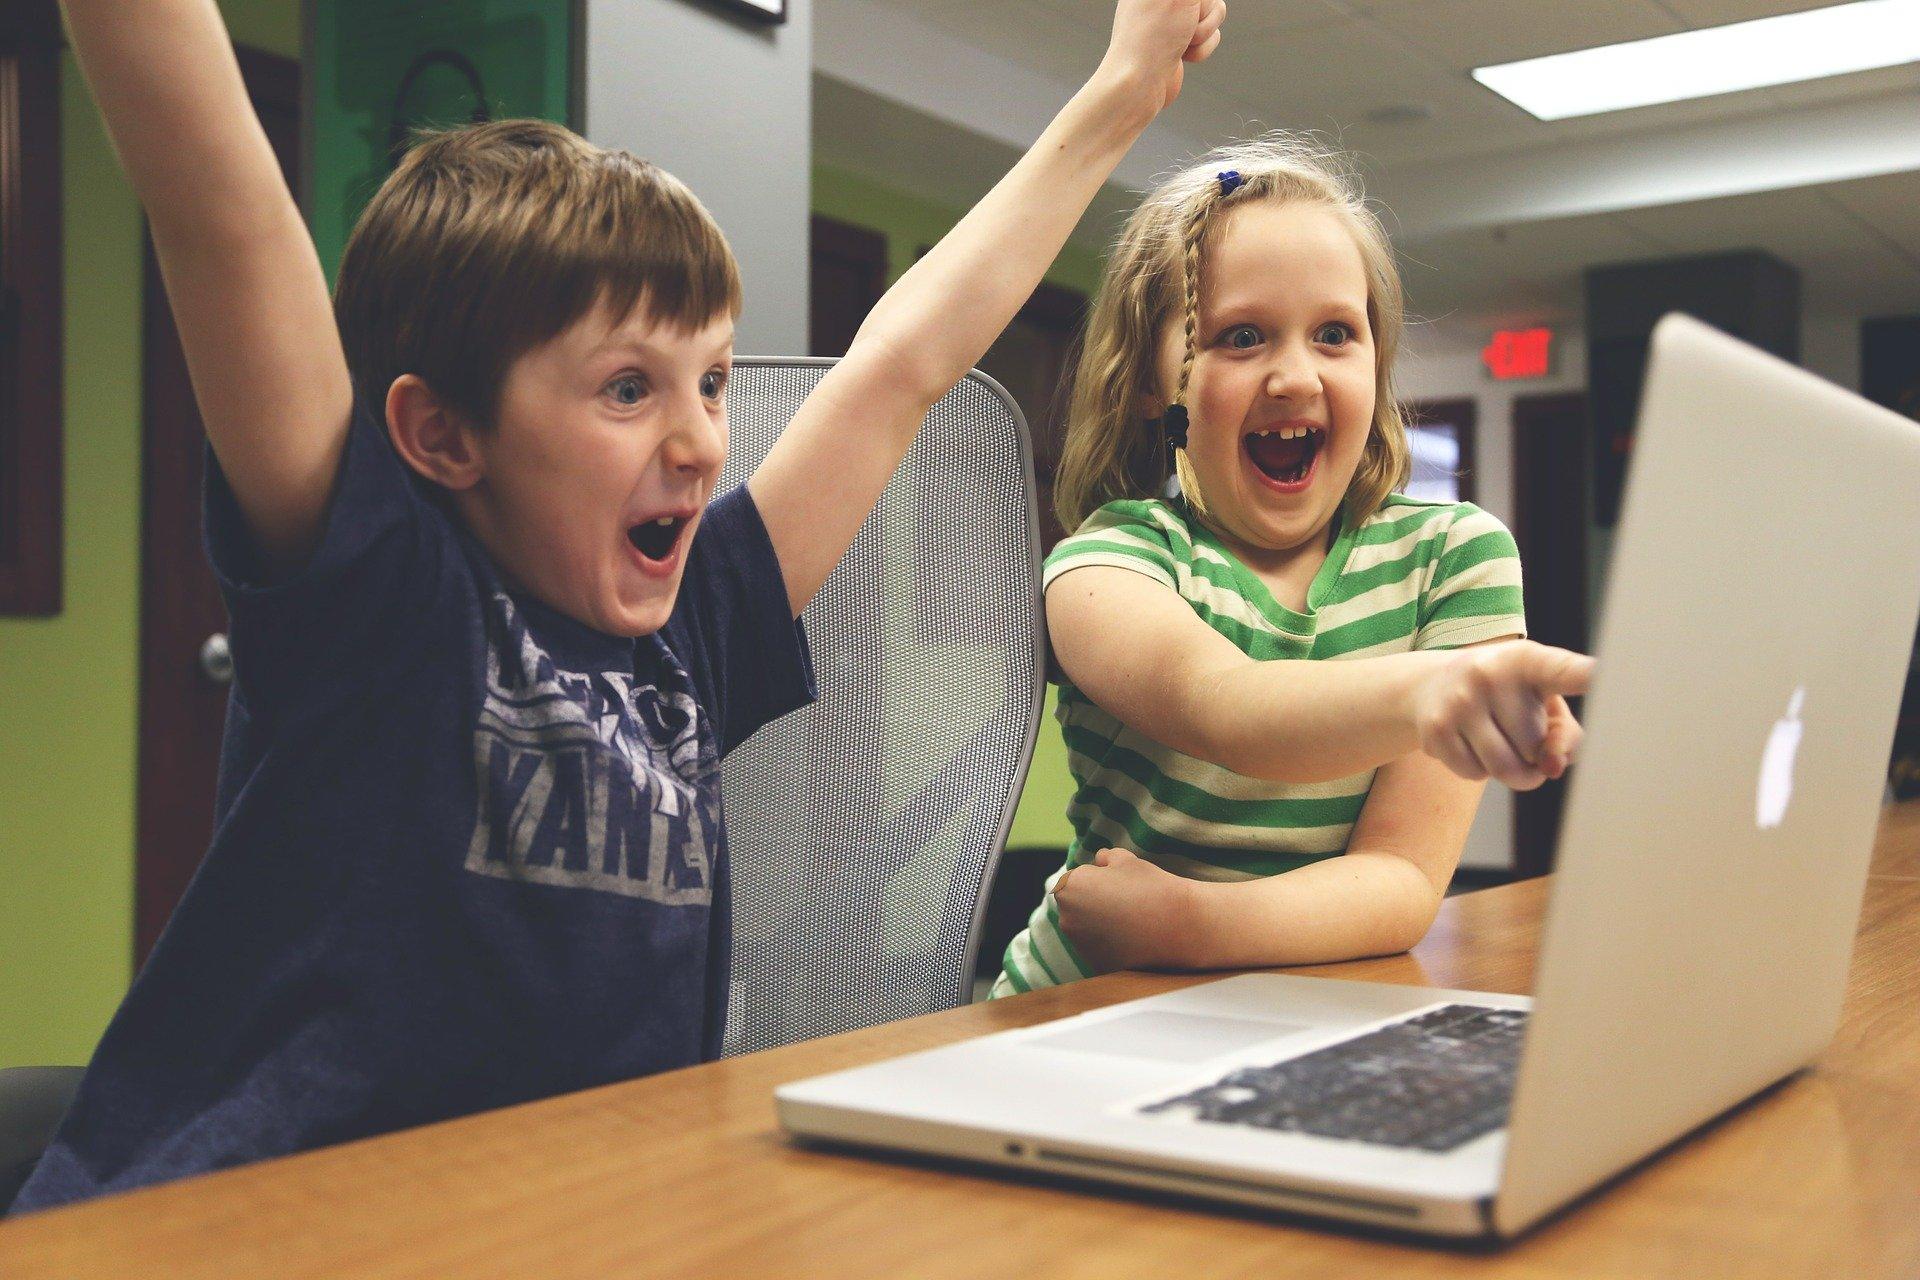 В Банке России рассказали, как защитить детей от кибермошенников